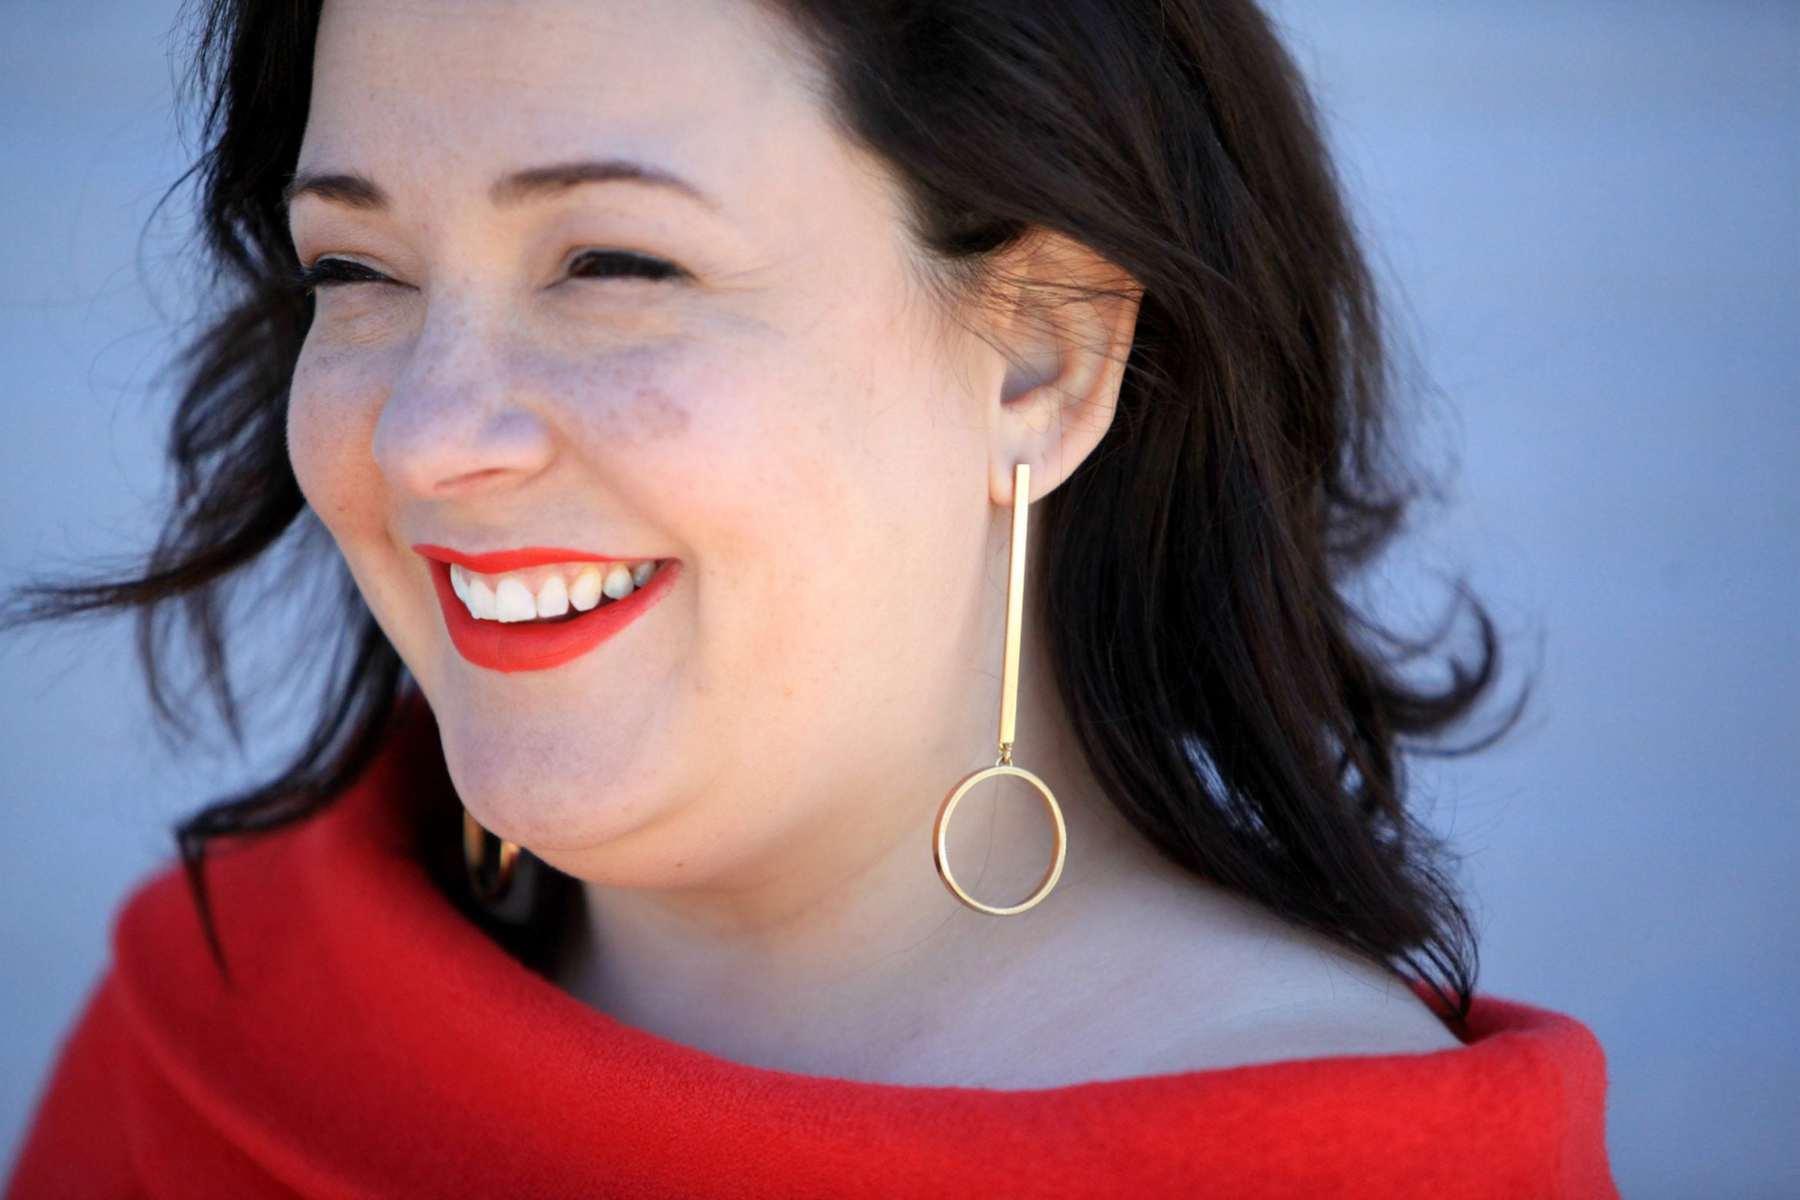 jennybird earrings on wardrobe oxygen